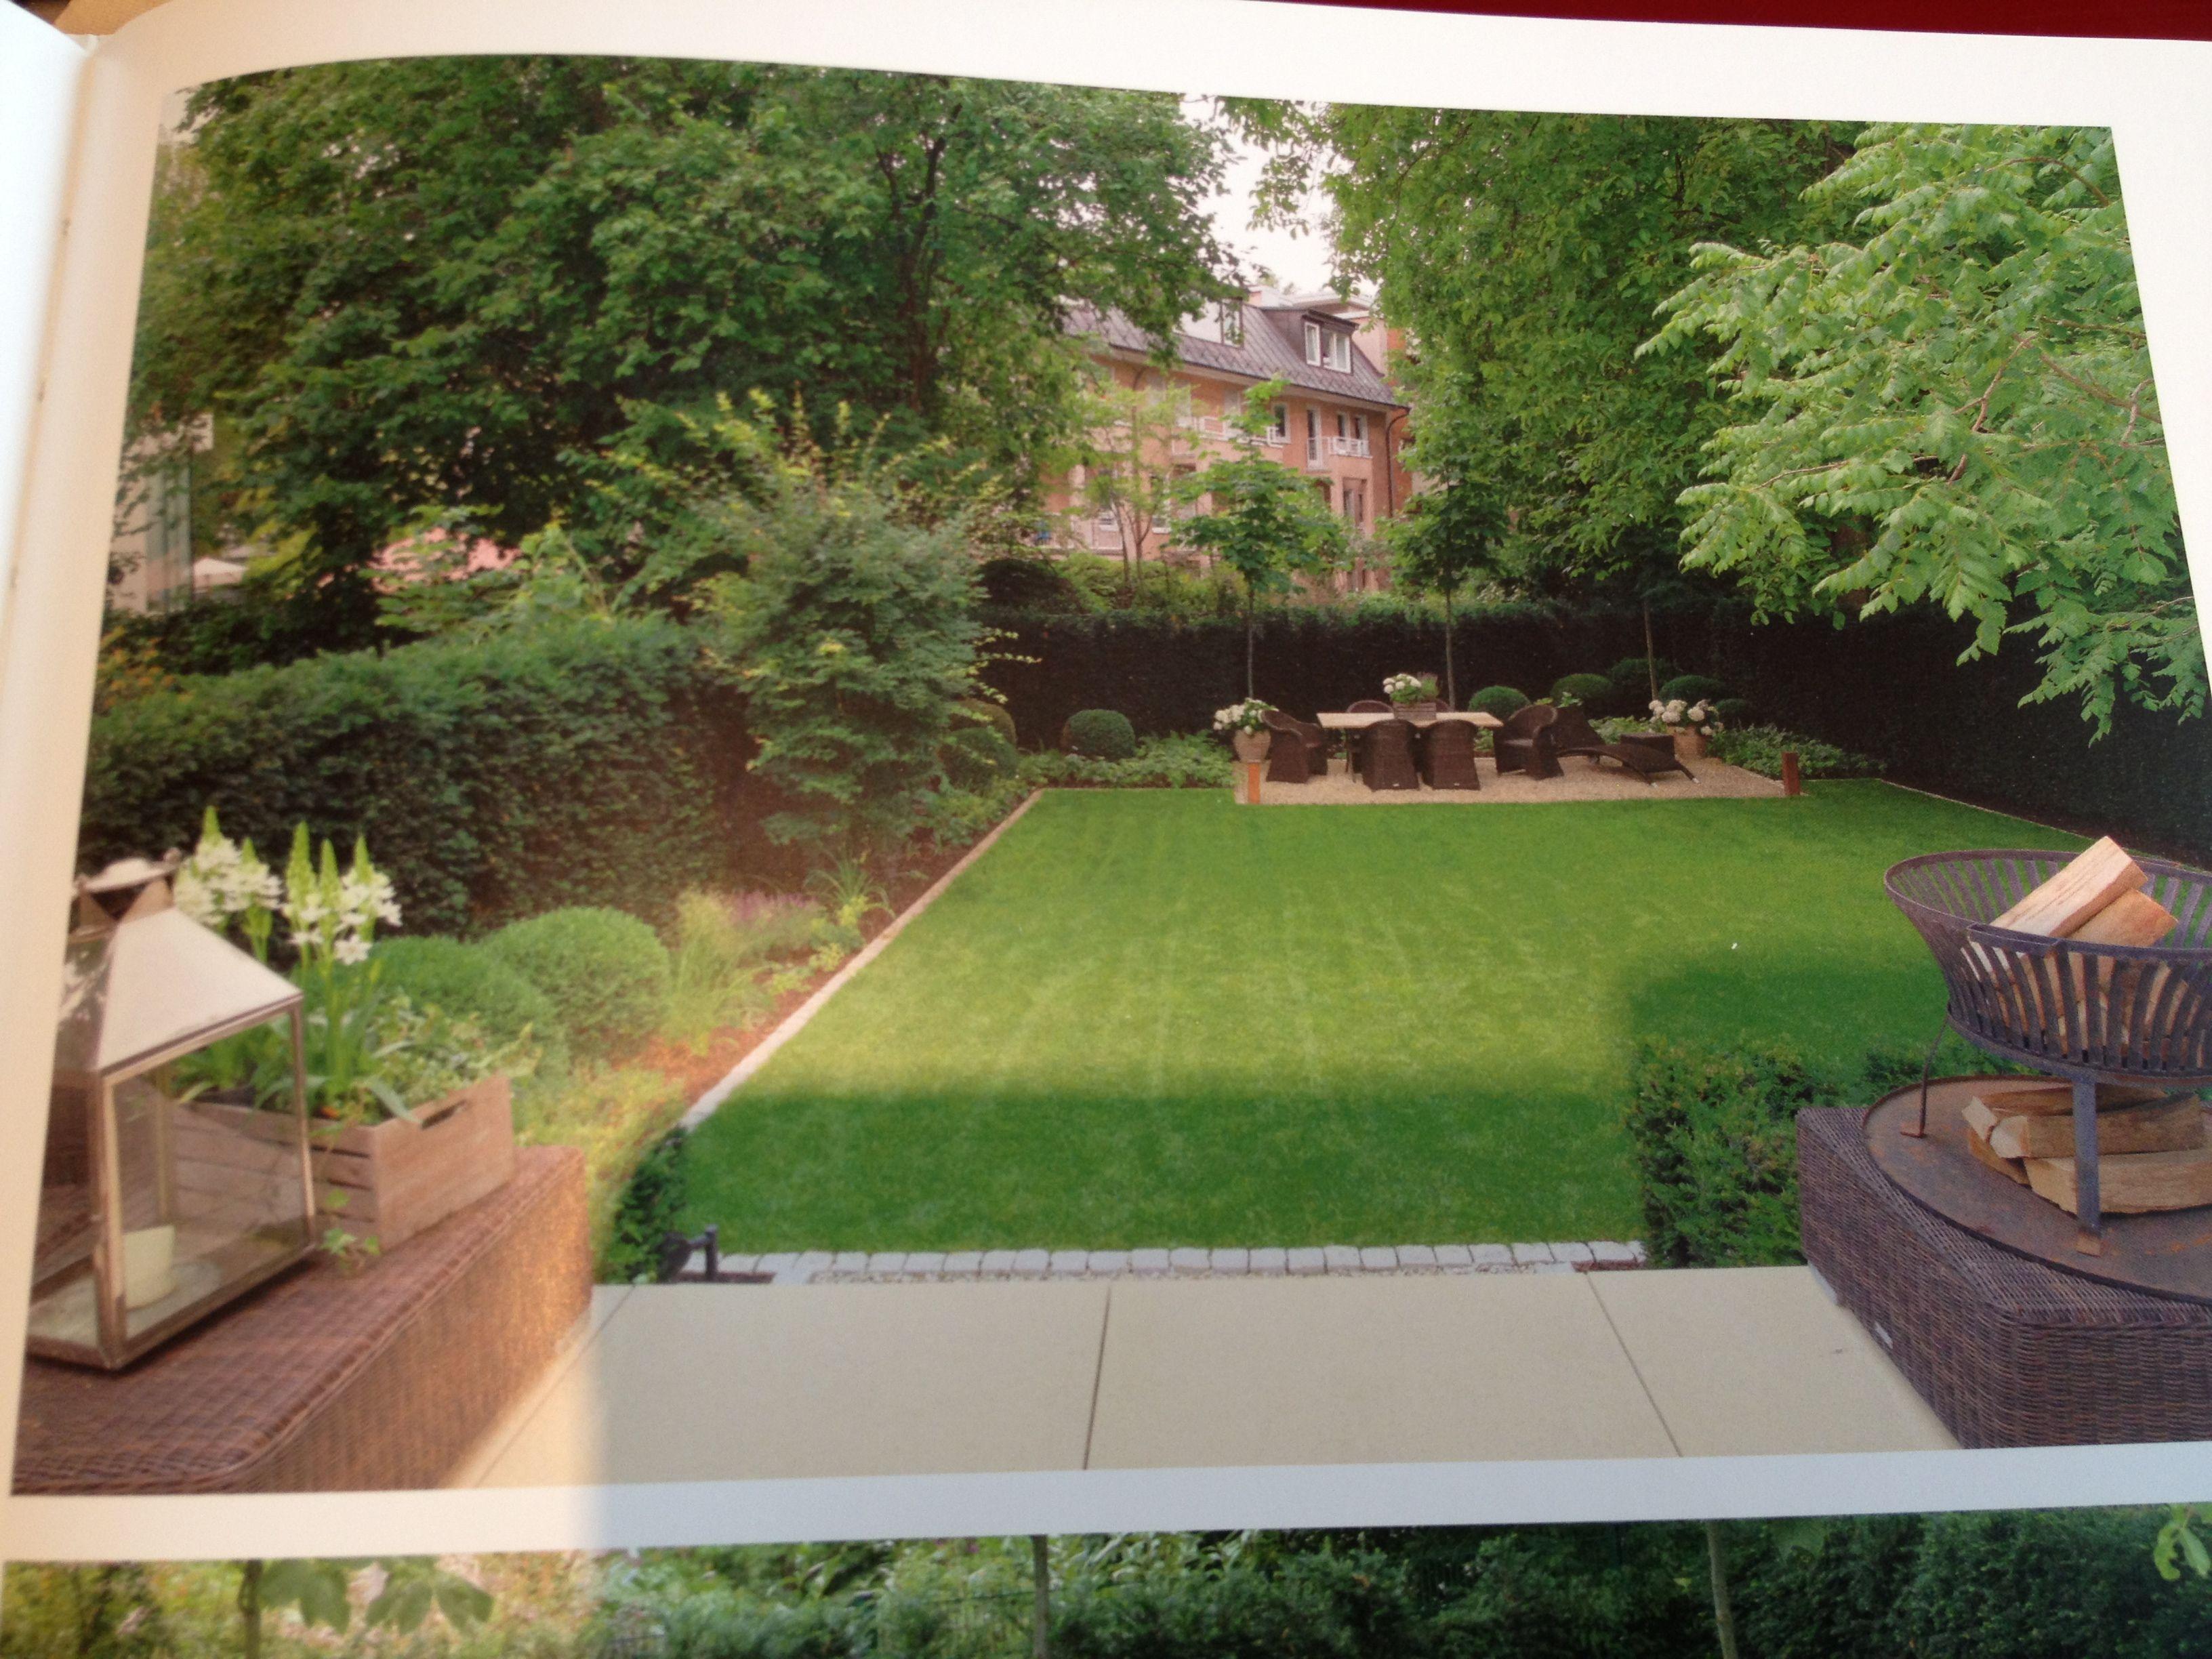 Garten Beetbegrenzung kleine pflasterseine zwischen großen terrassensteinen und rasen